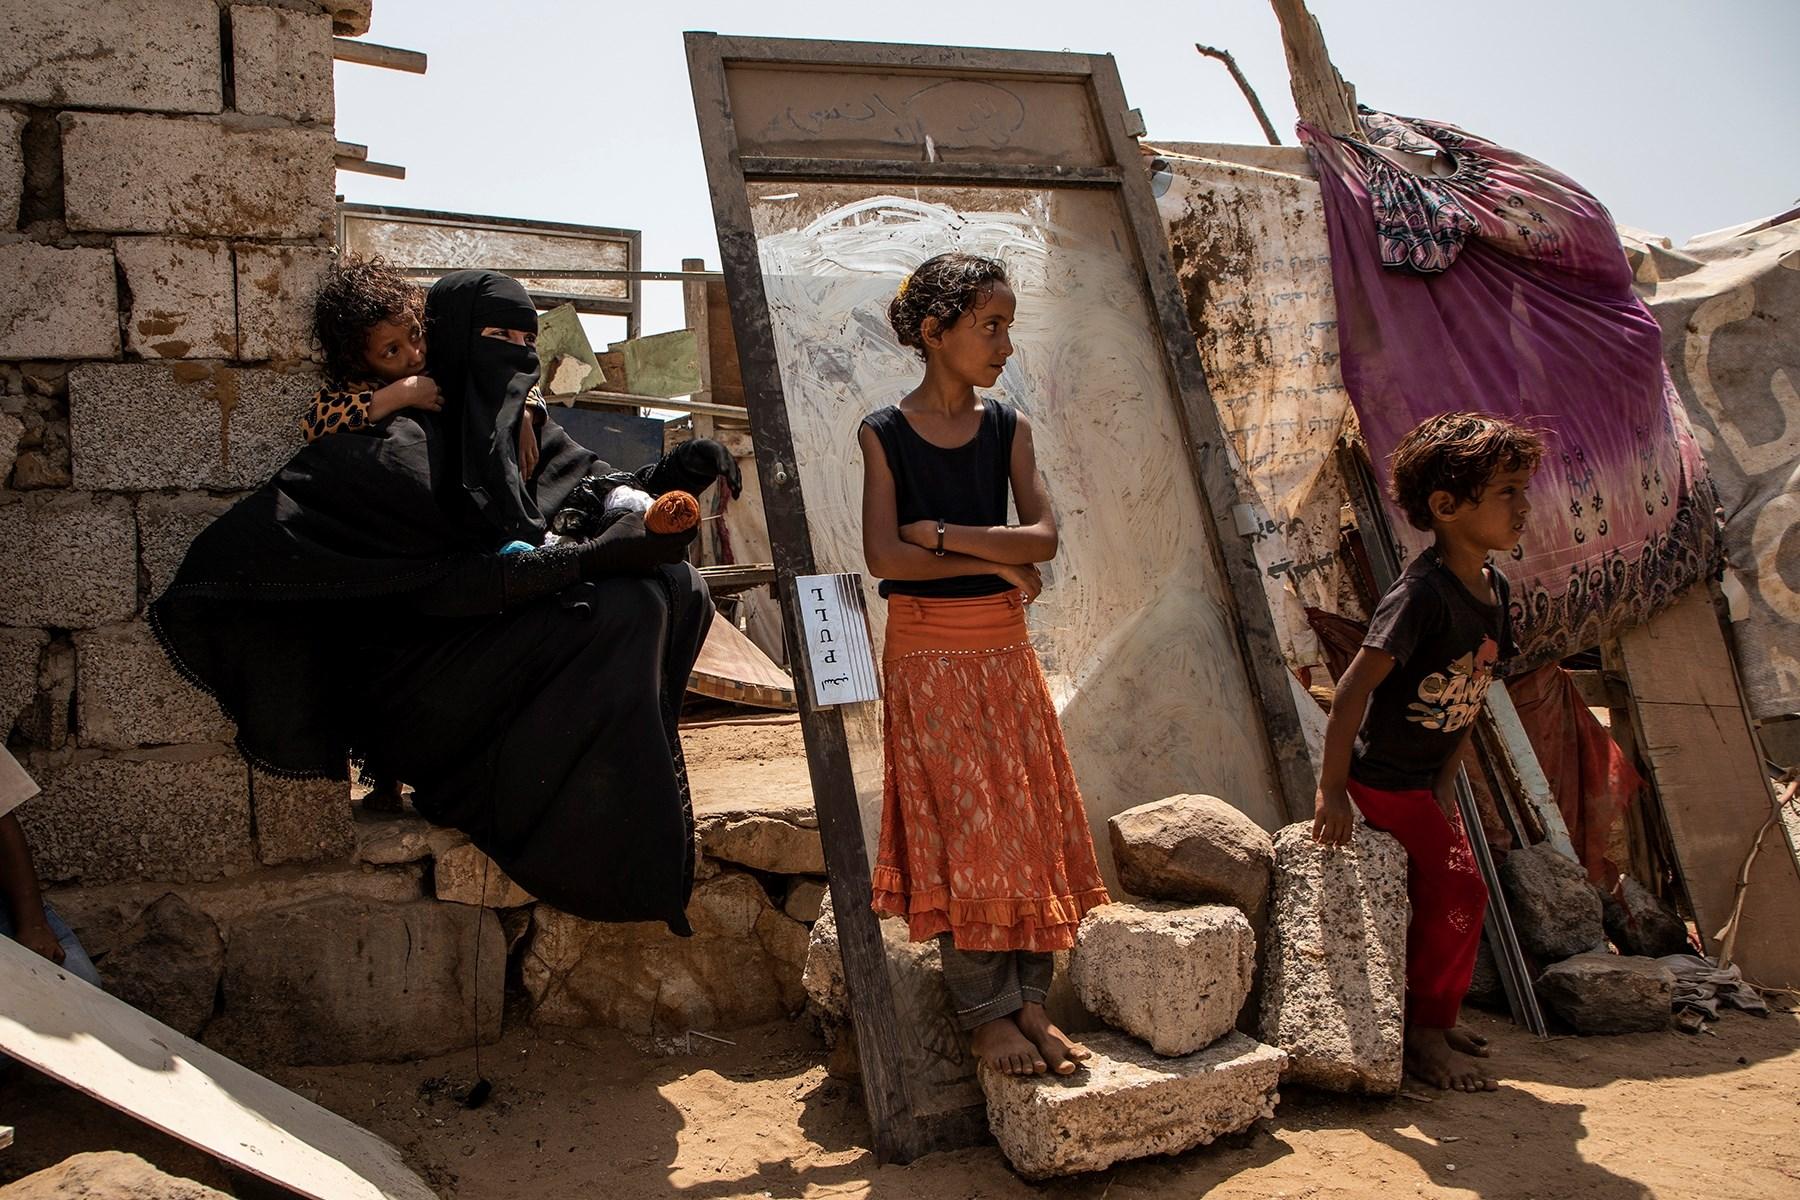 أكثر من 48 ألف امرأة يمنية حامل معرضة للموت بسبب نقص الرعاية